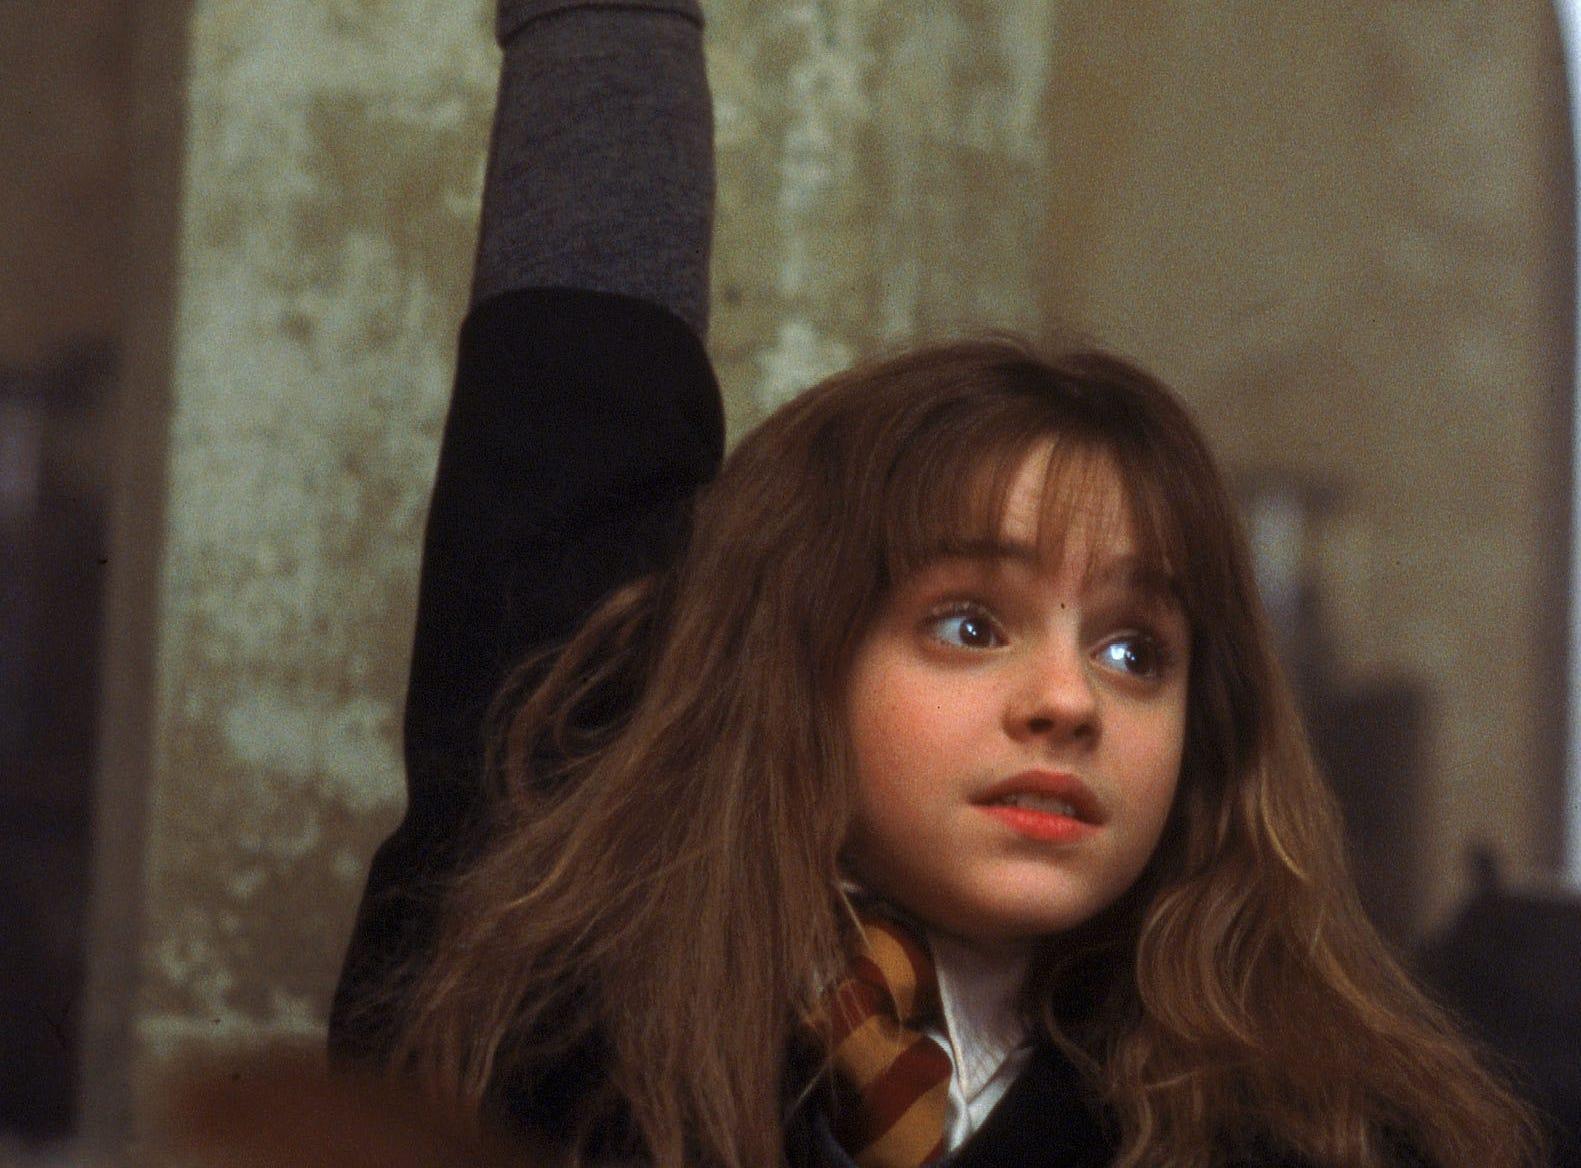 Emma Watson as Hermione Grainger